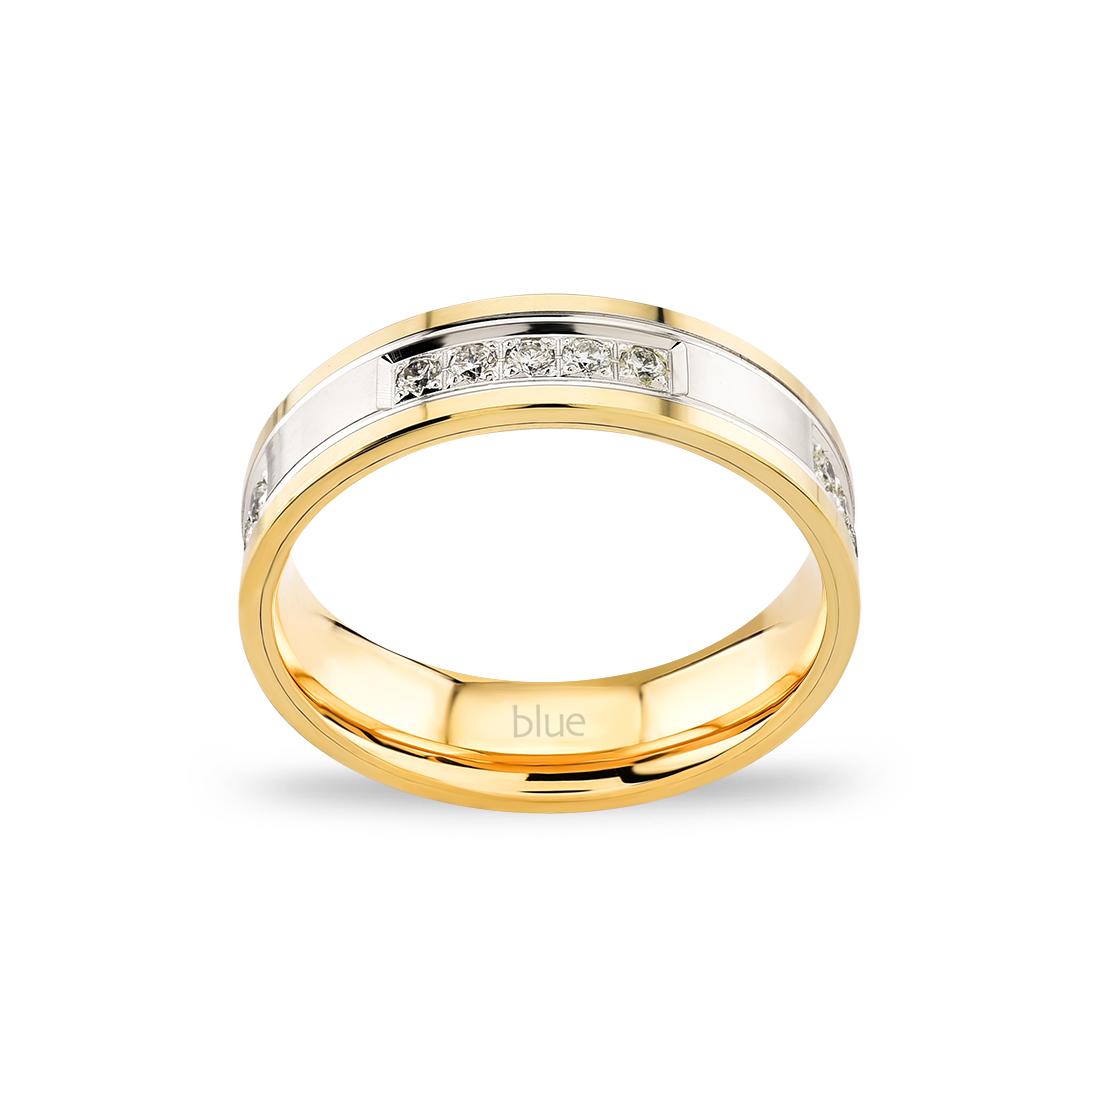 Pırlantalı Evlilik Alyansı